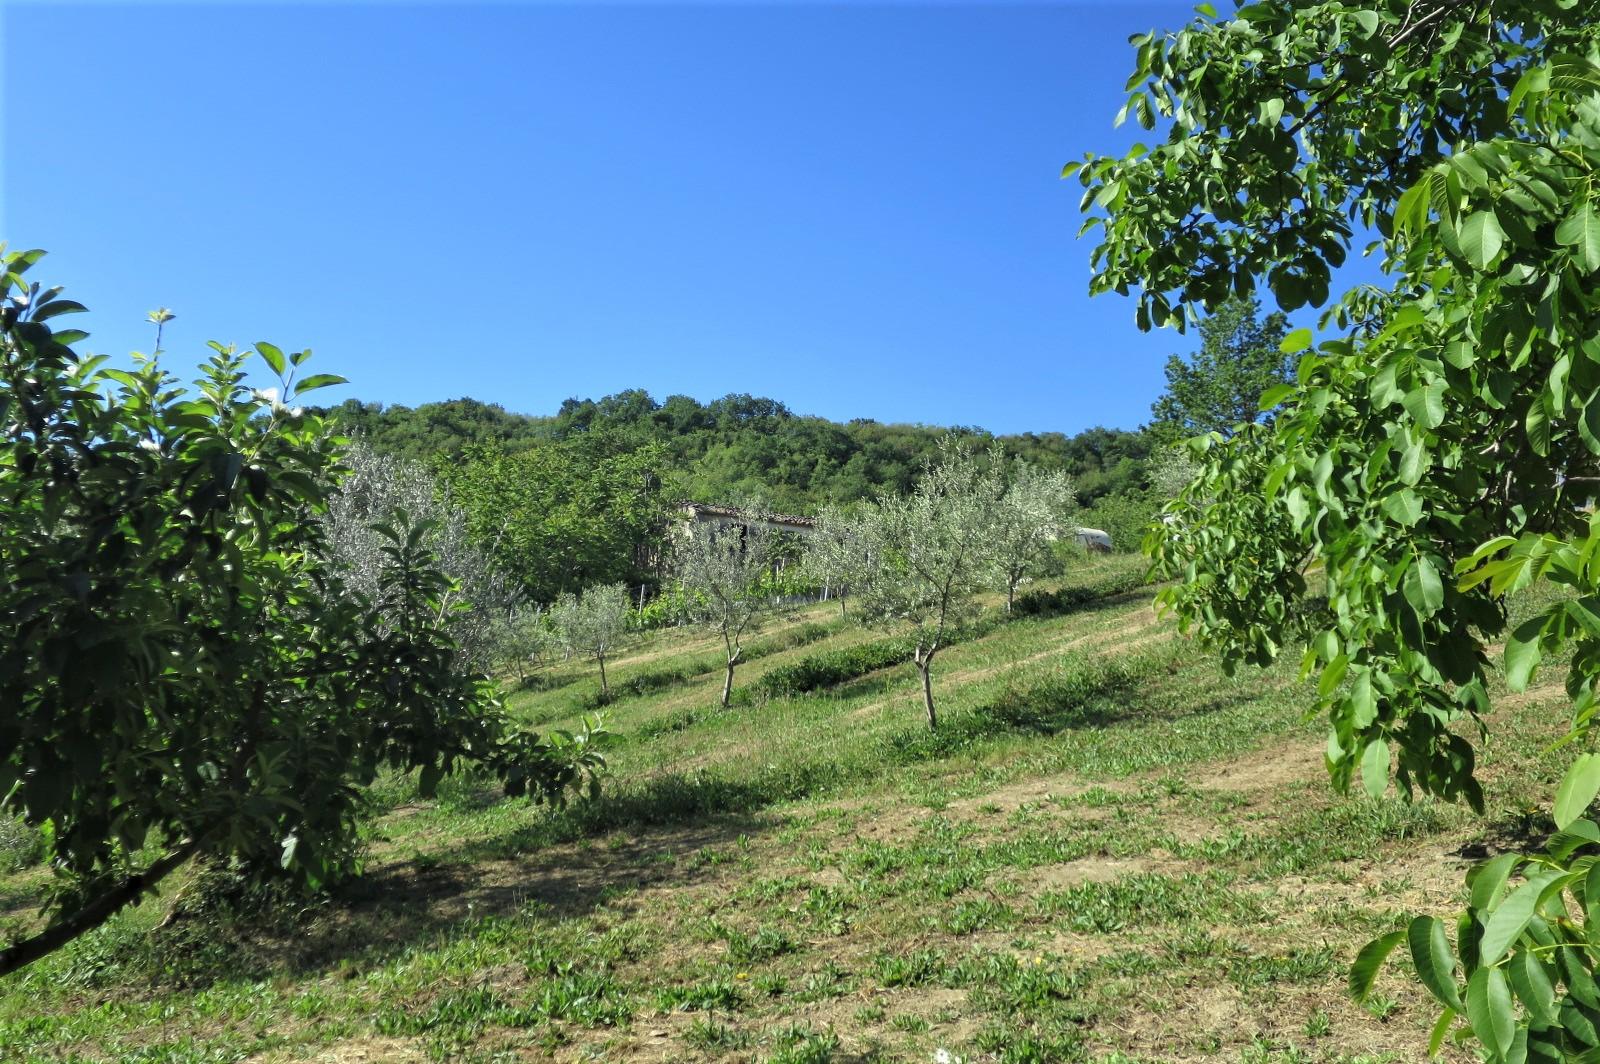 Country Houses Country Houses for sale Castiglione Messer Raimondo (TE), Casa Paradiso - Castiglione Messer Raimondo - EUR 181.096 620